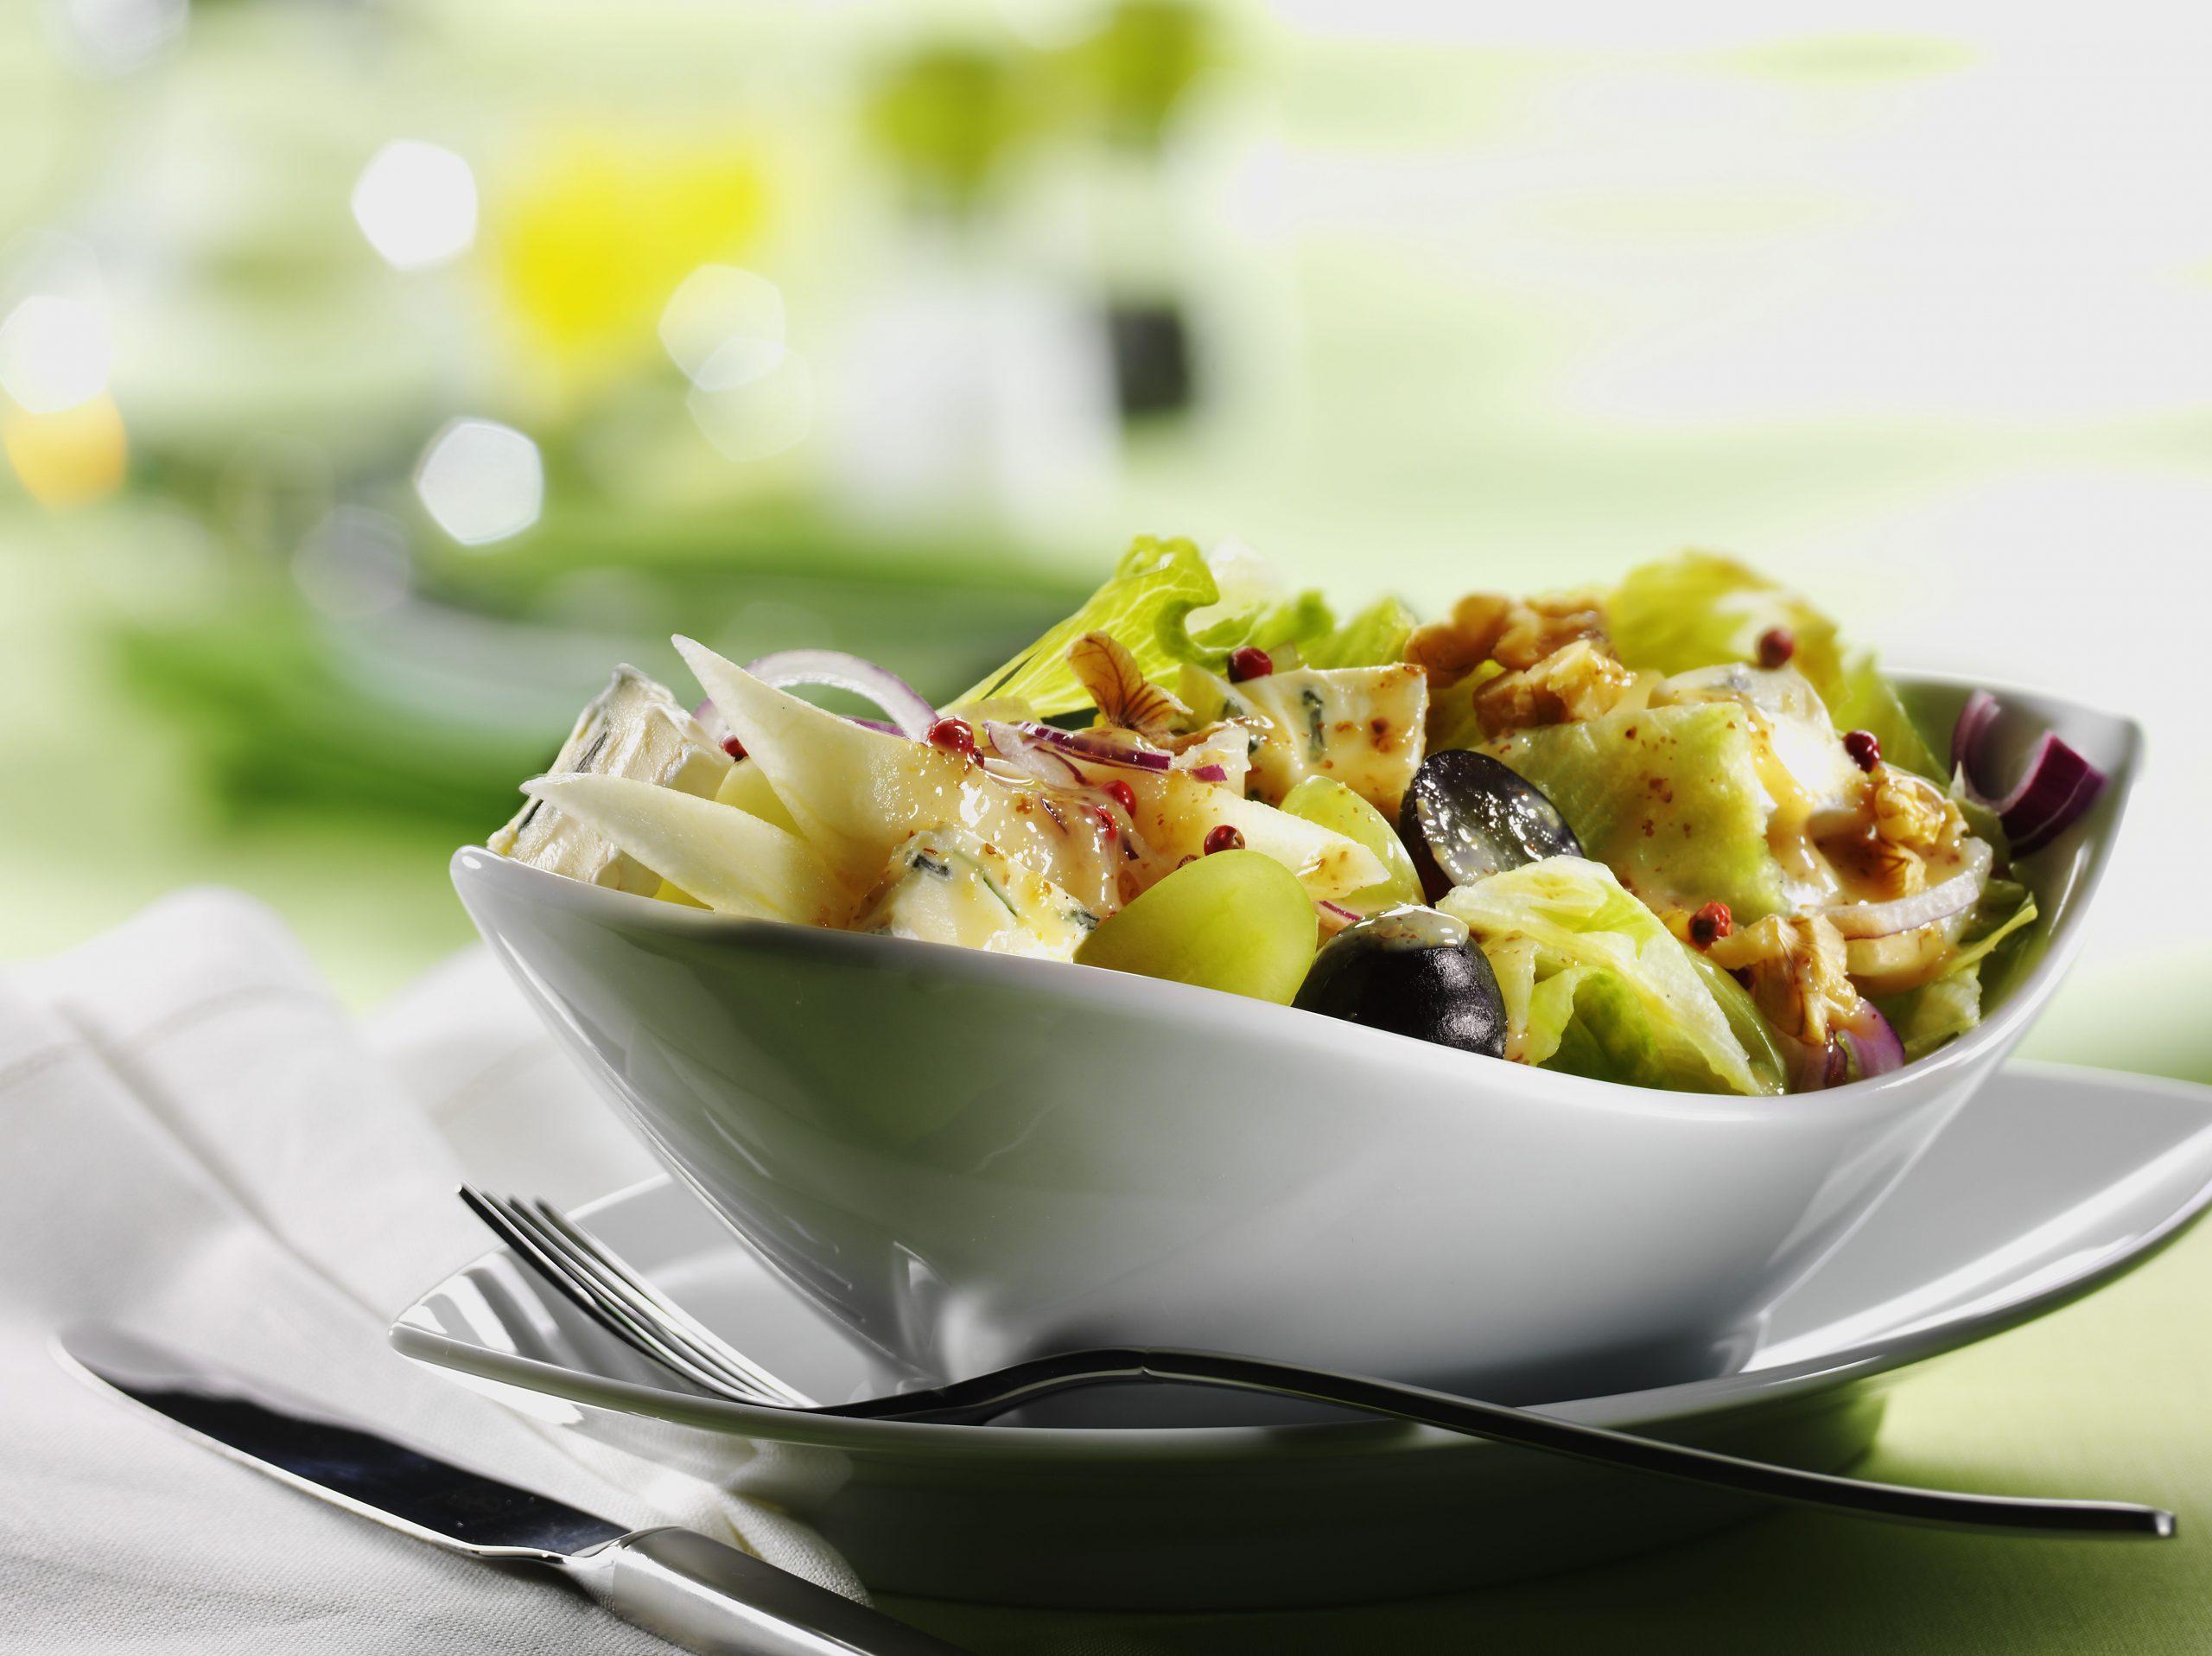 Sommerküche Ohne Kochen : Leichte sommerküche u schwere entscheidung im heißen august